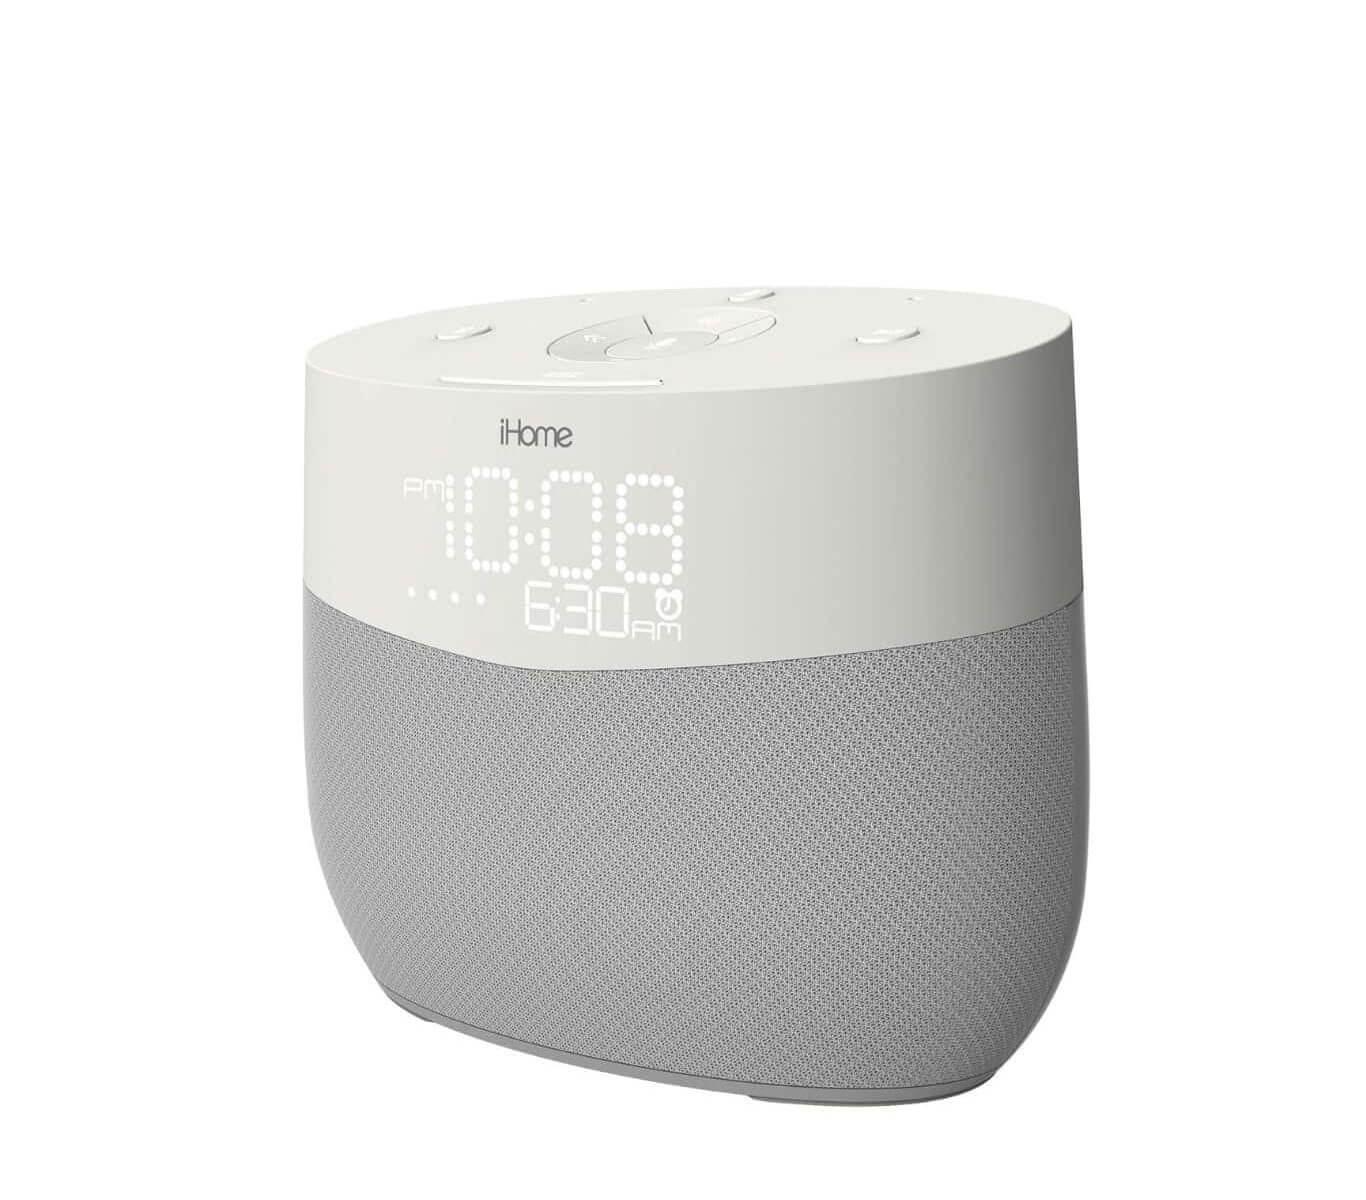 iHome iGV1 Smart Speaker